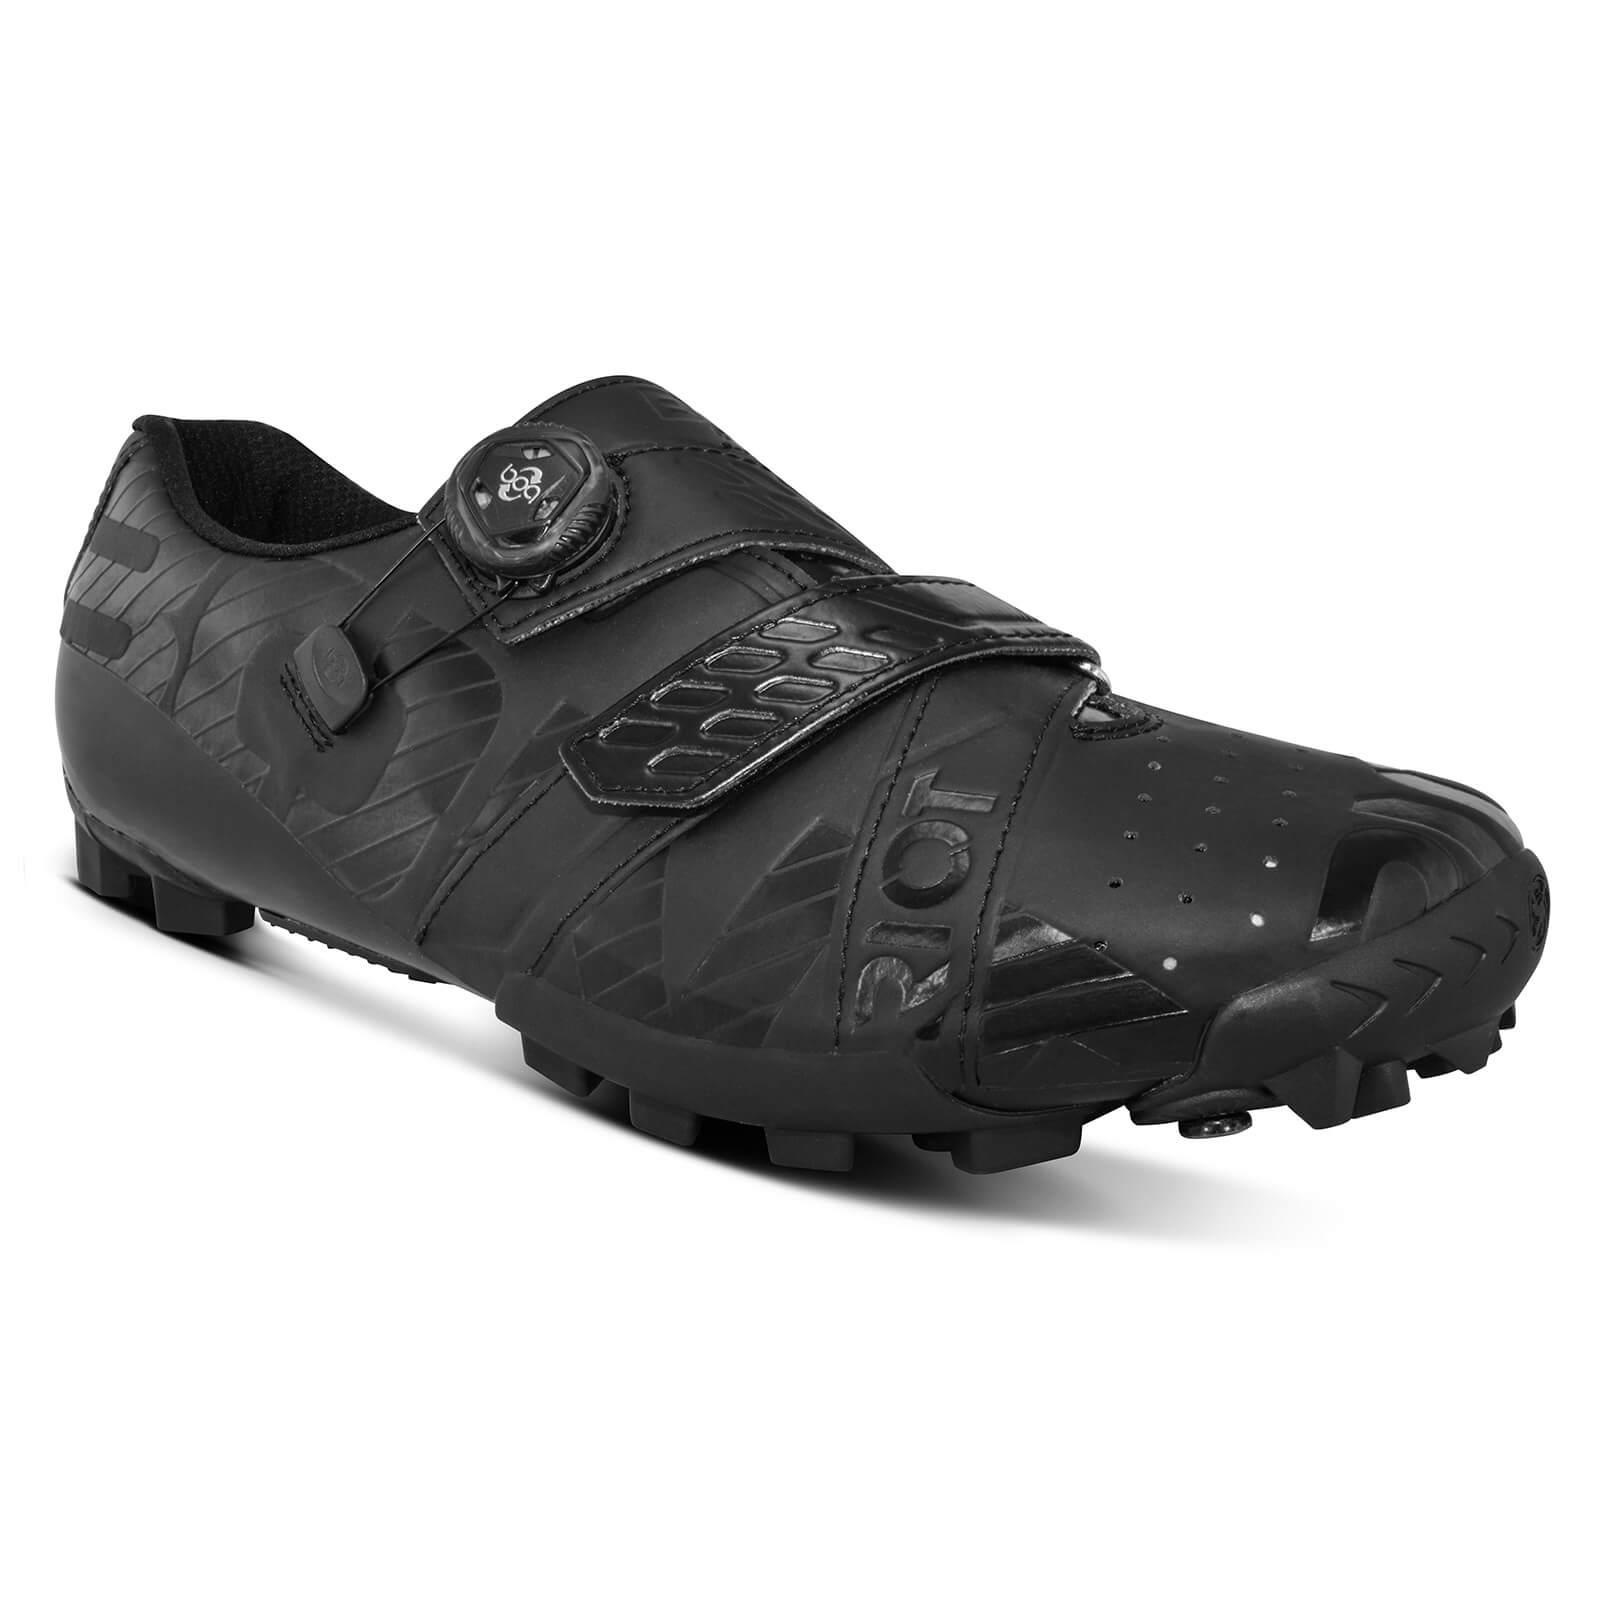 Bont Riot+ MTB Shoes - EU 40.5 - Schwarz